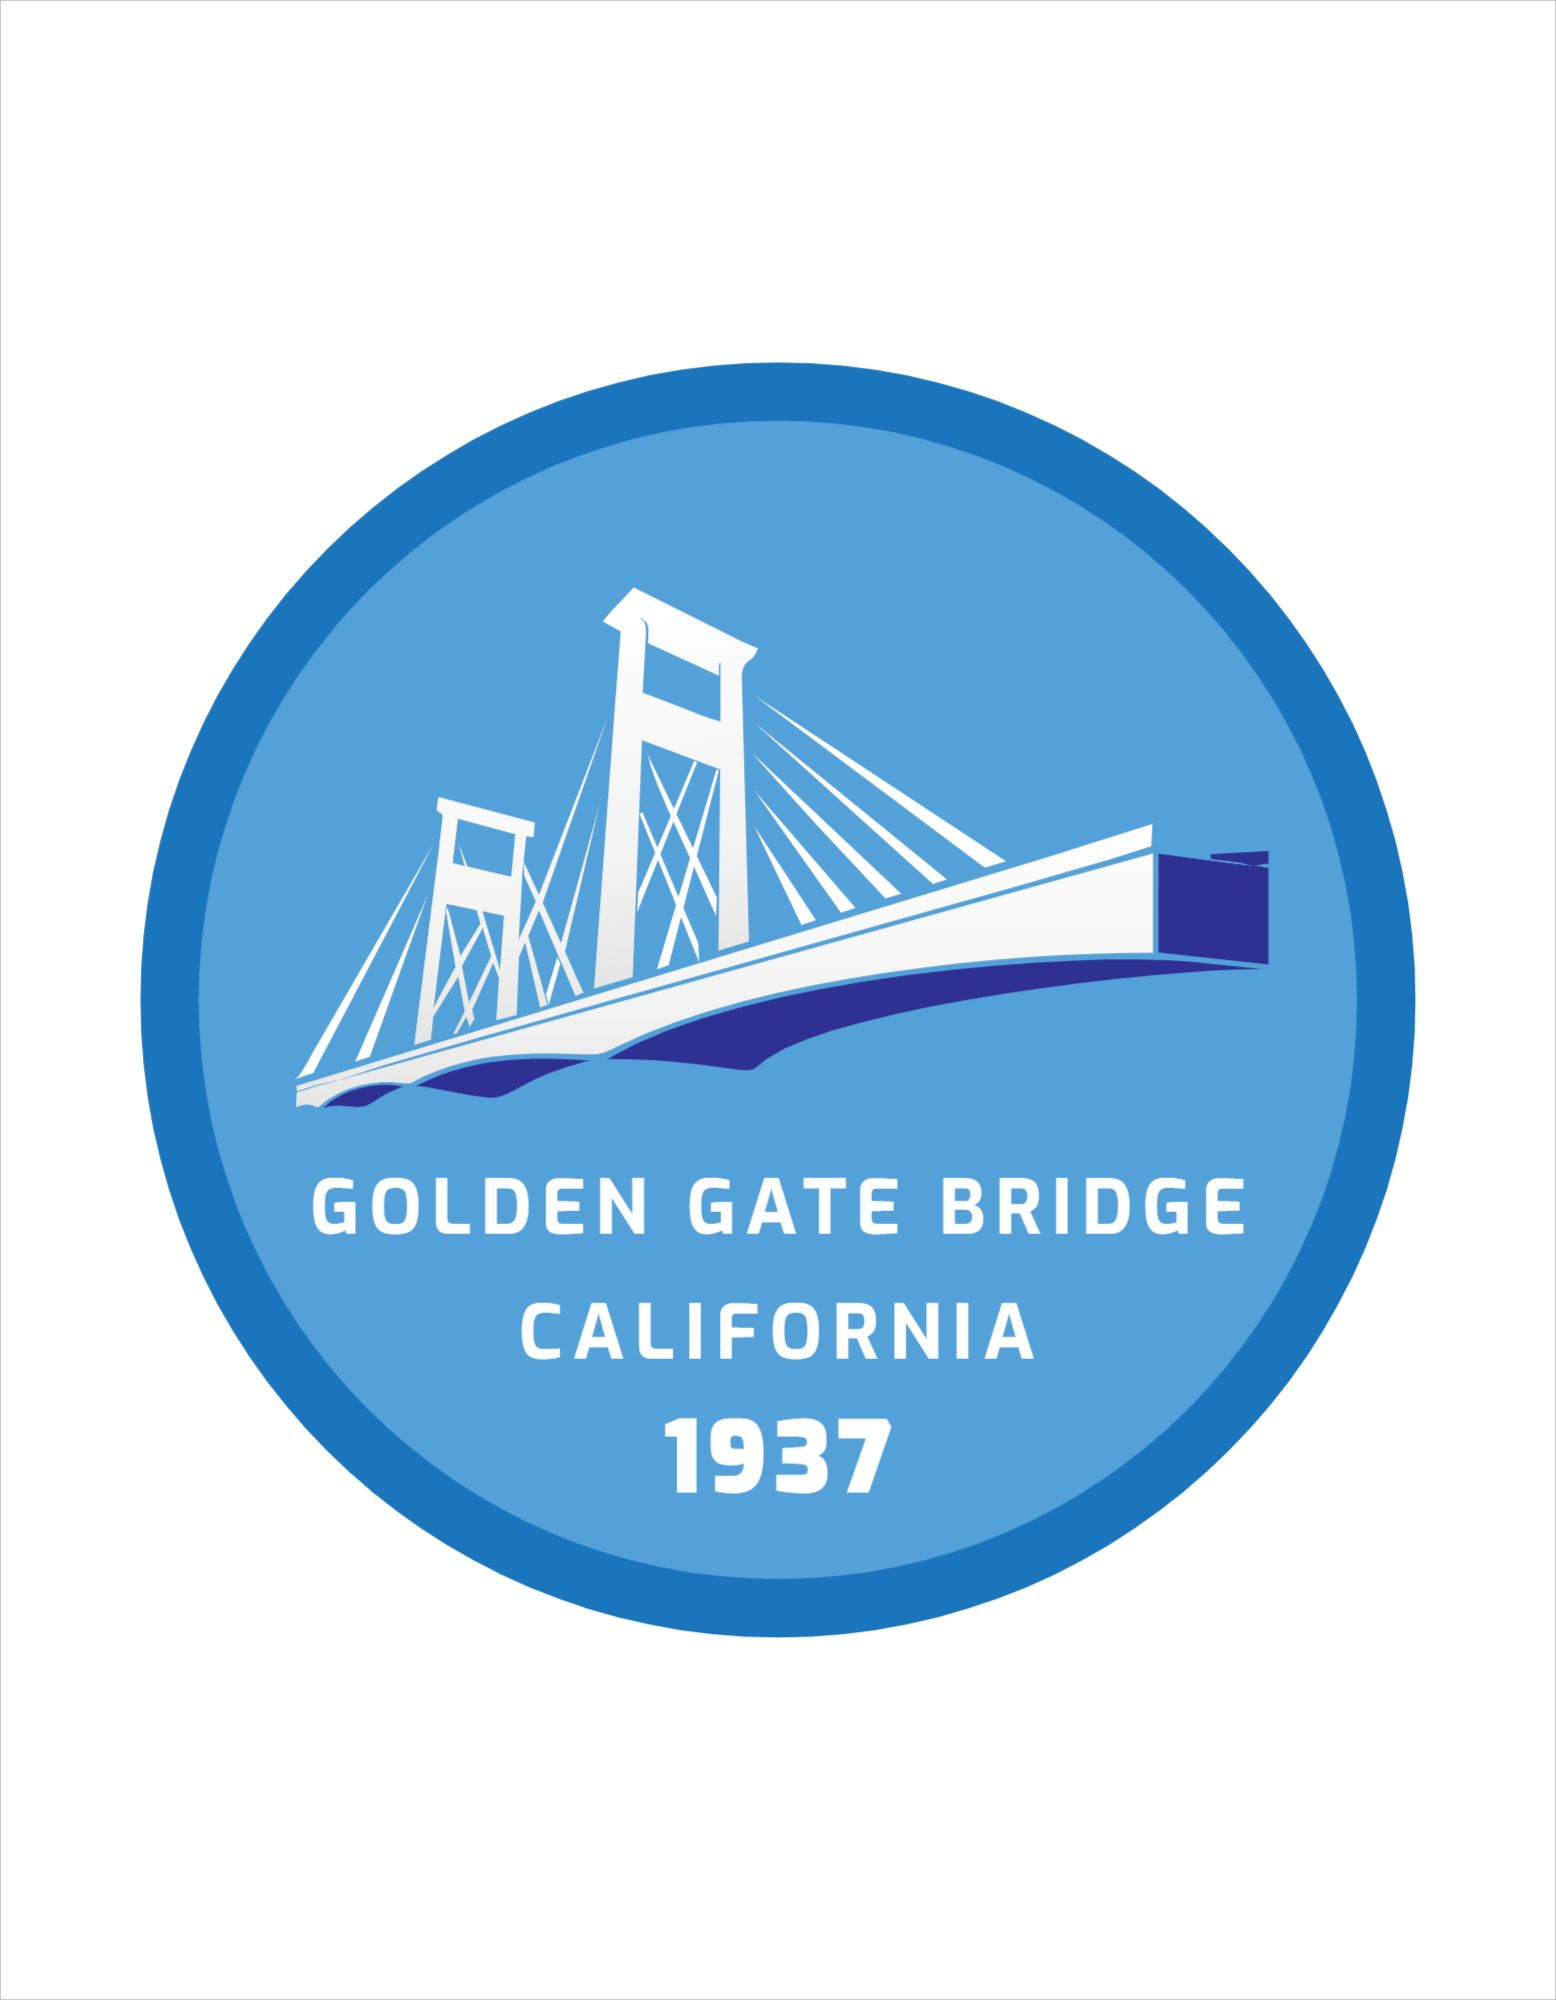 Golden Gate Bridge T-Shirt Design Template